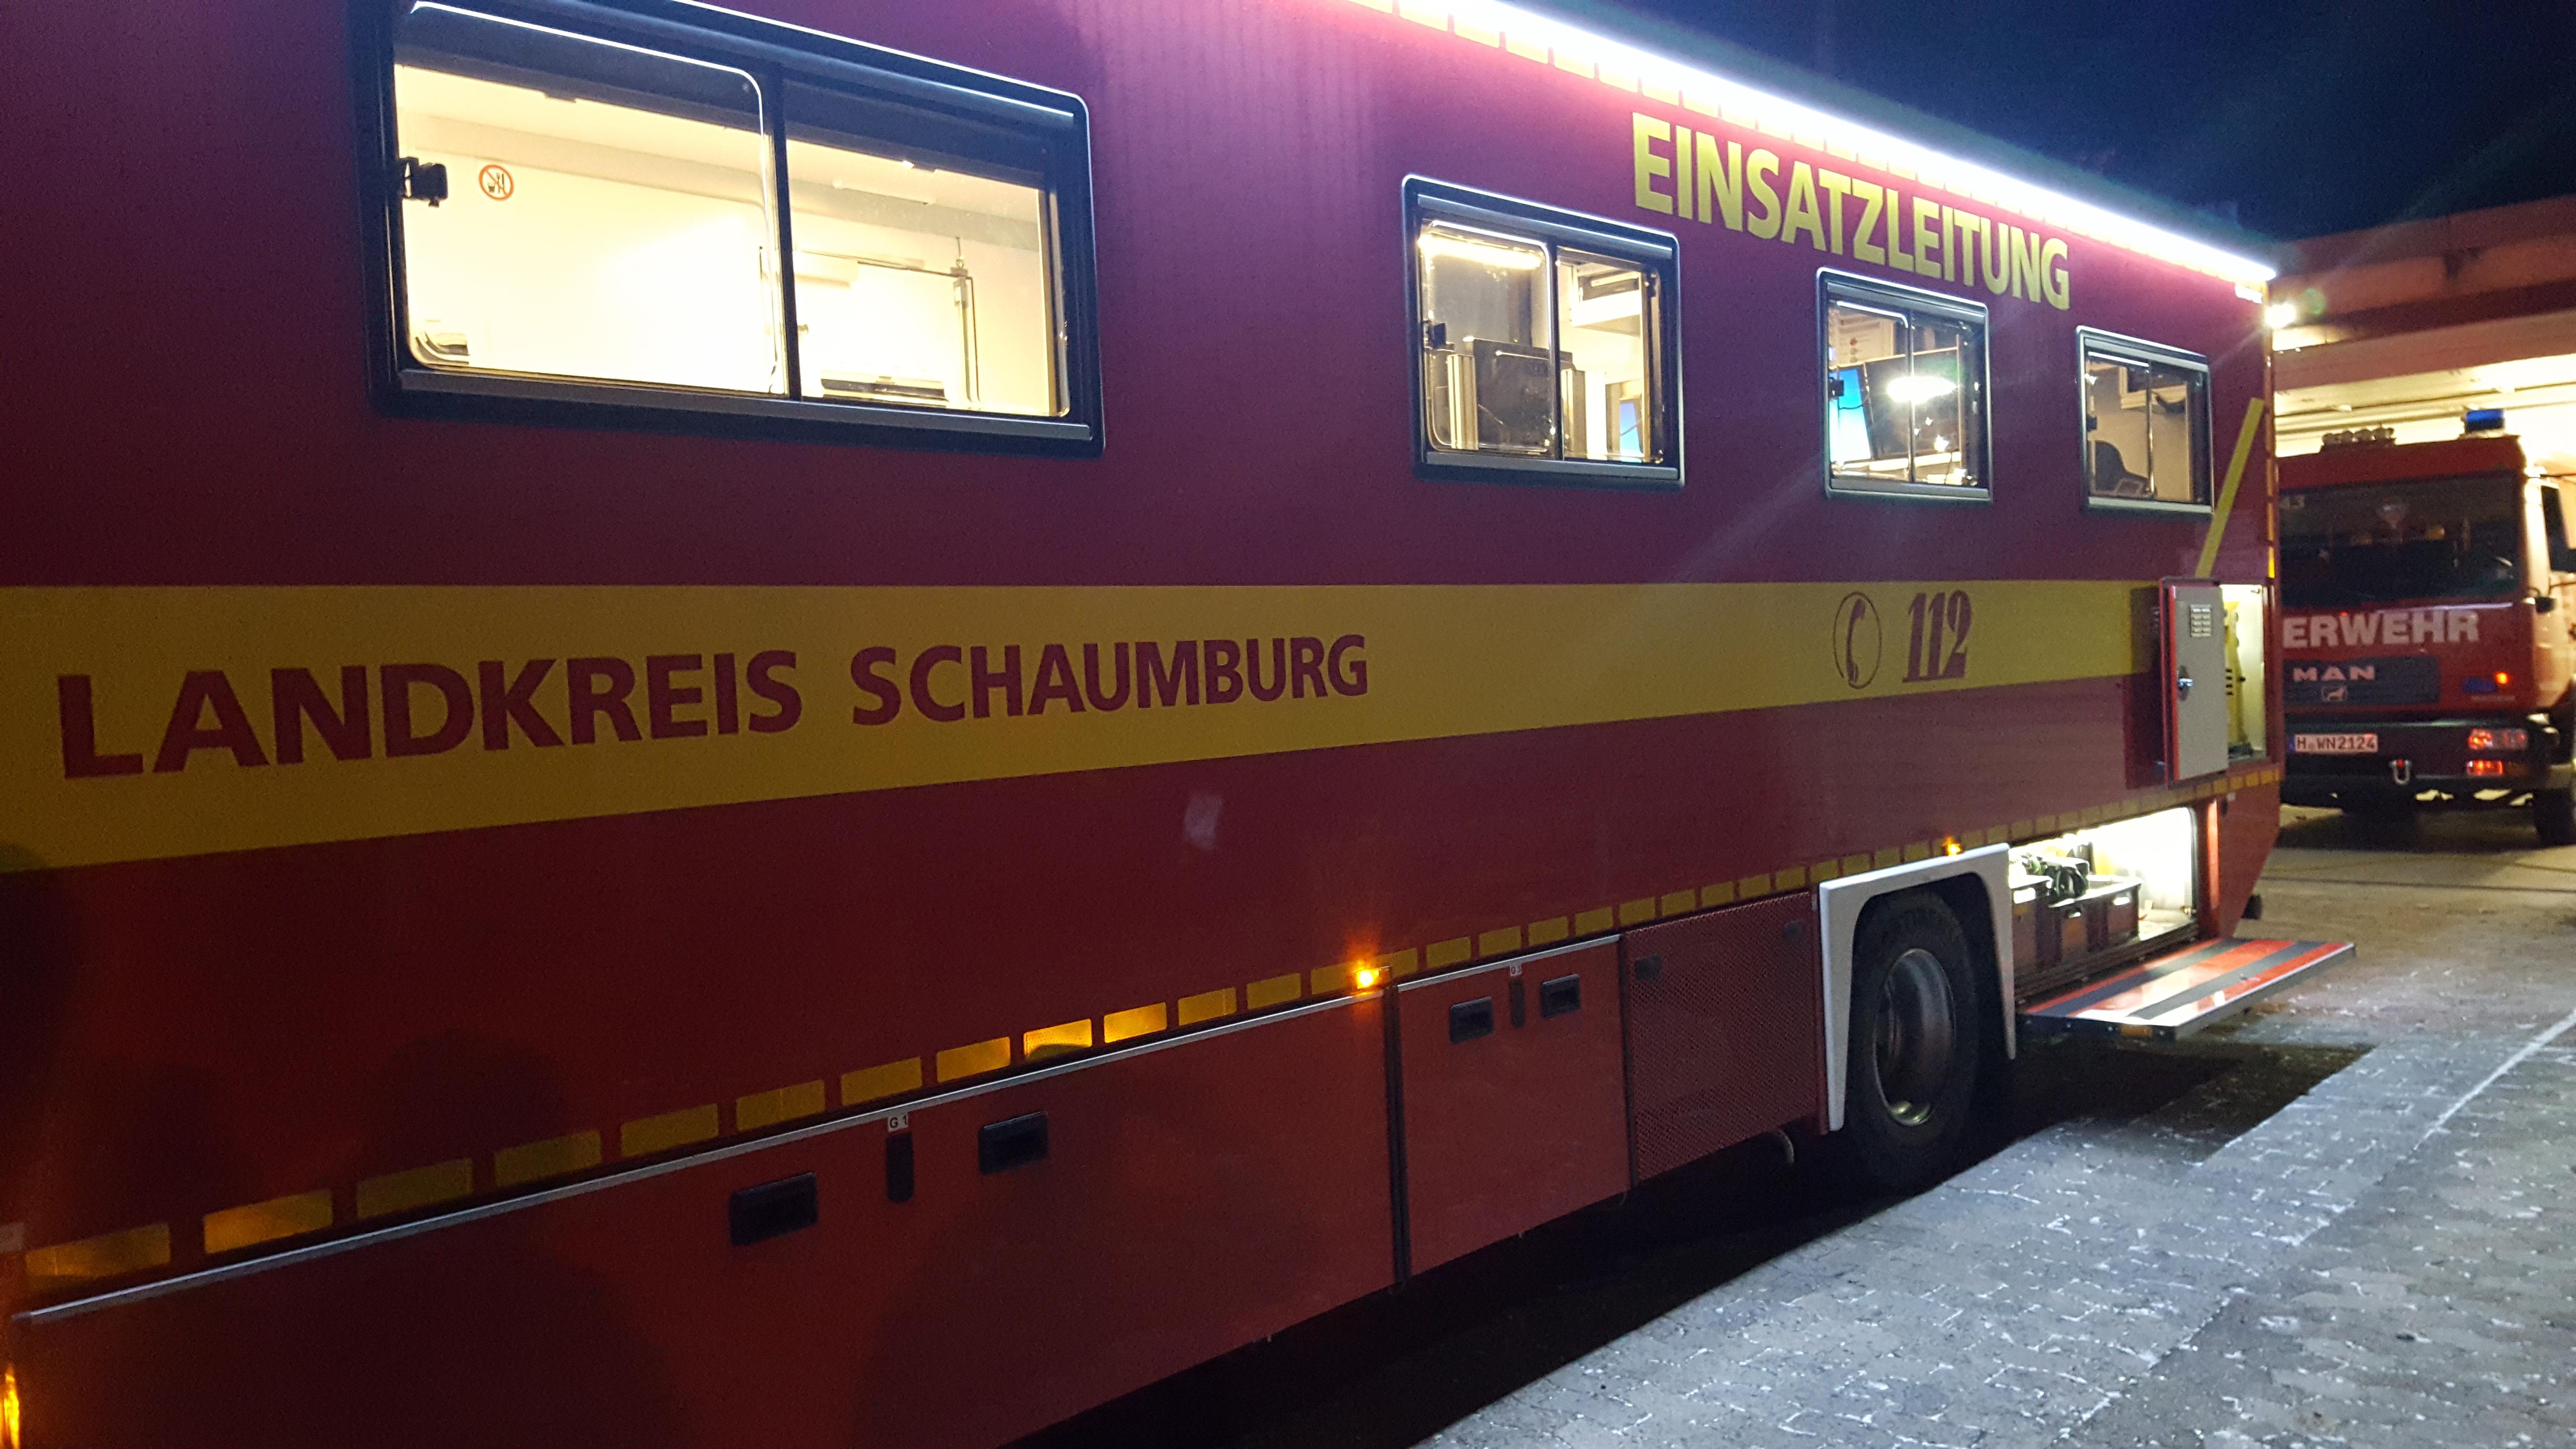 Einsatzleitwagen des LK Schaumburg zu Besuch in Winninghausen